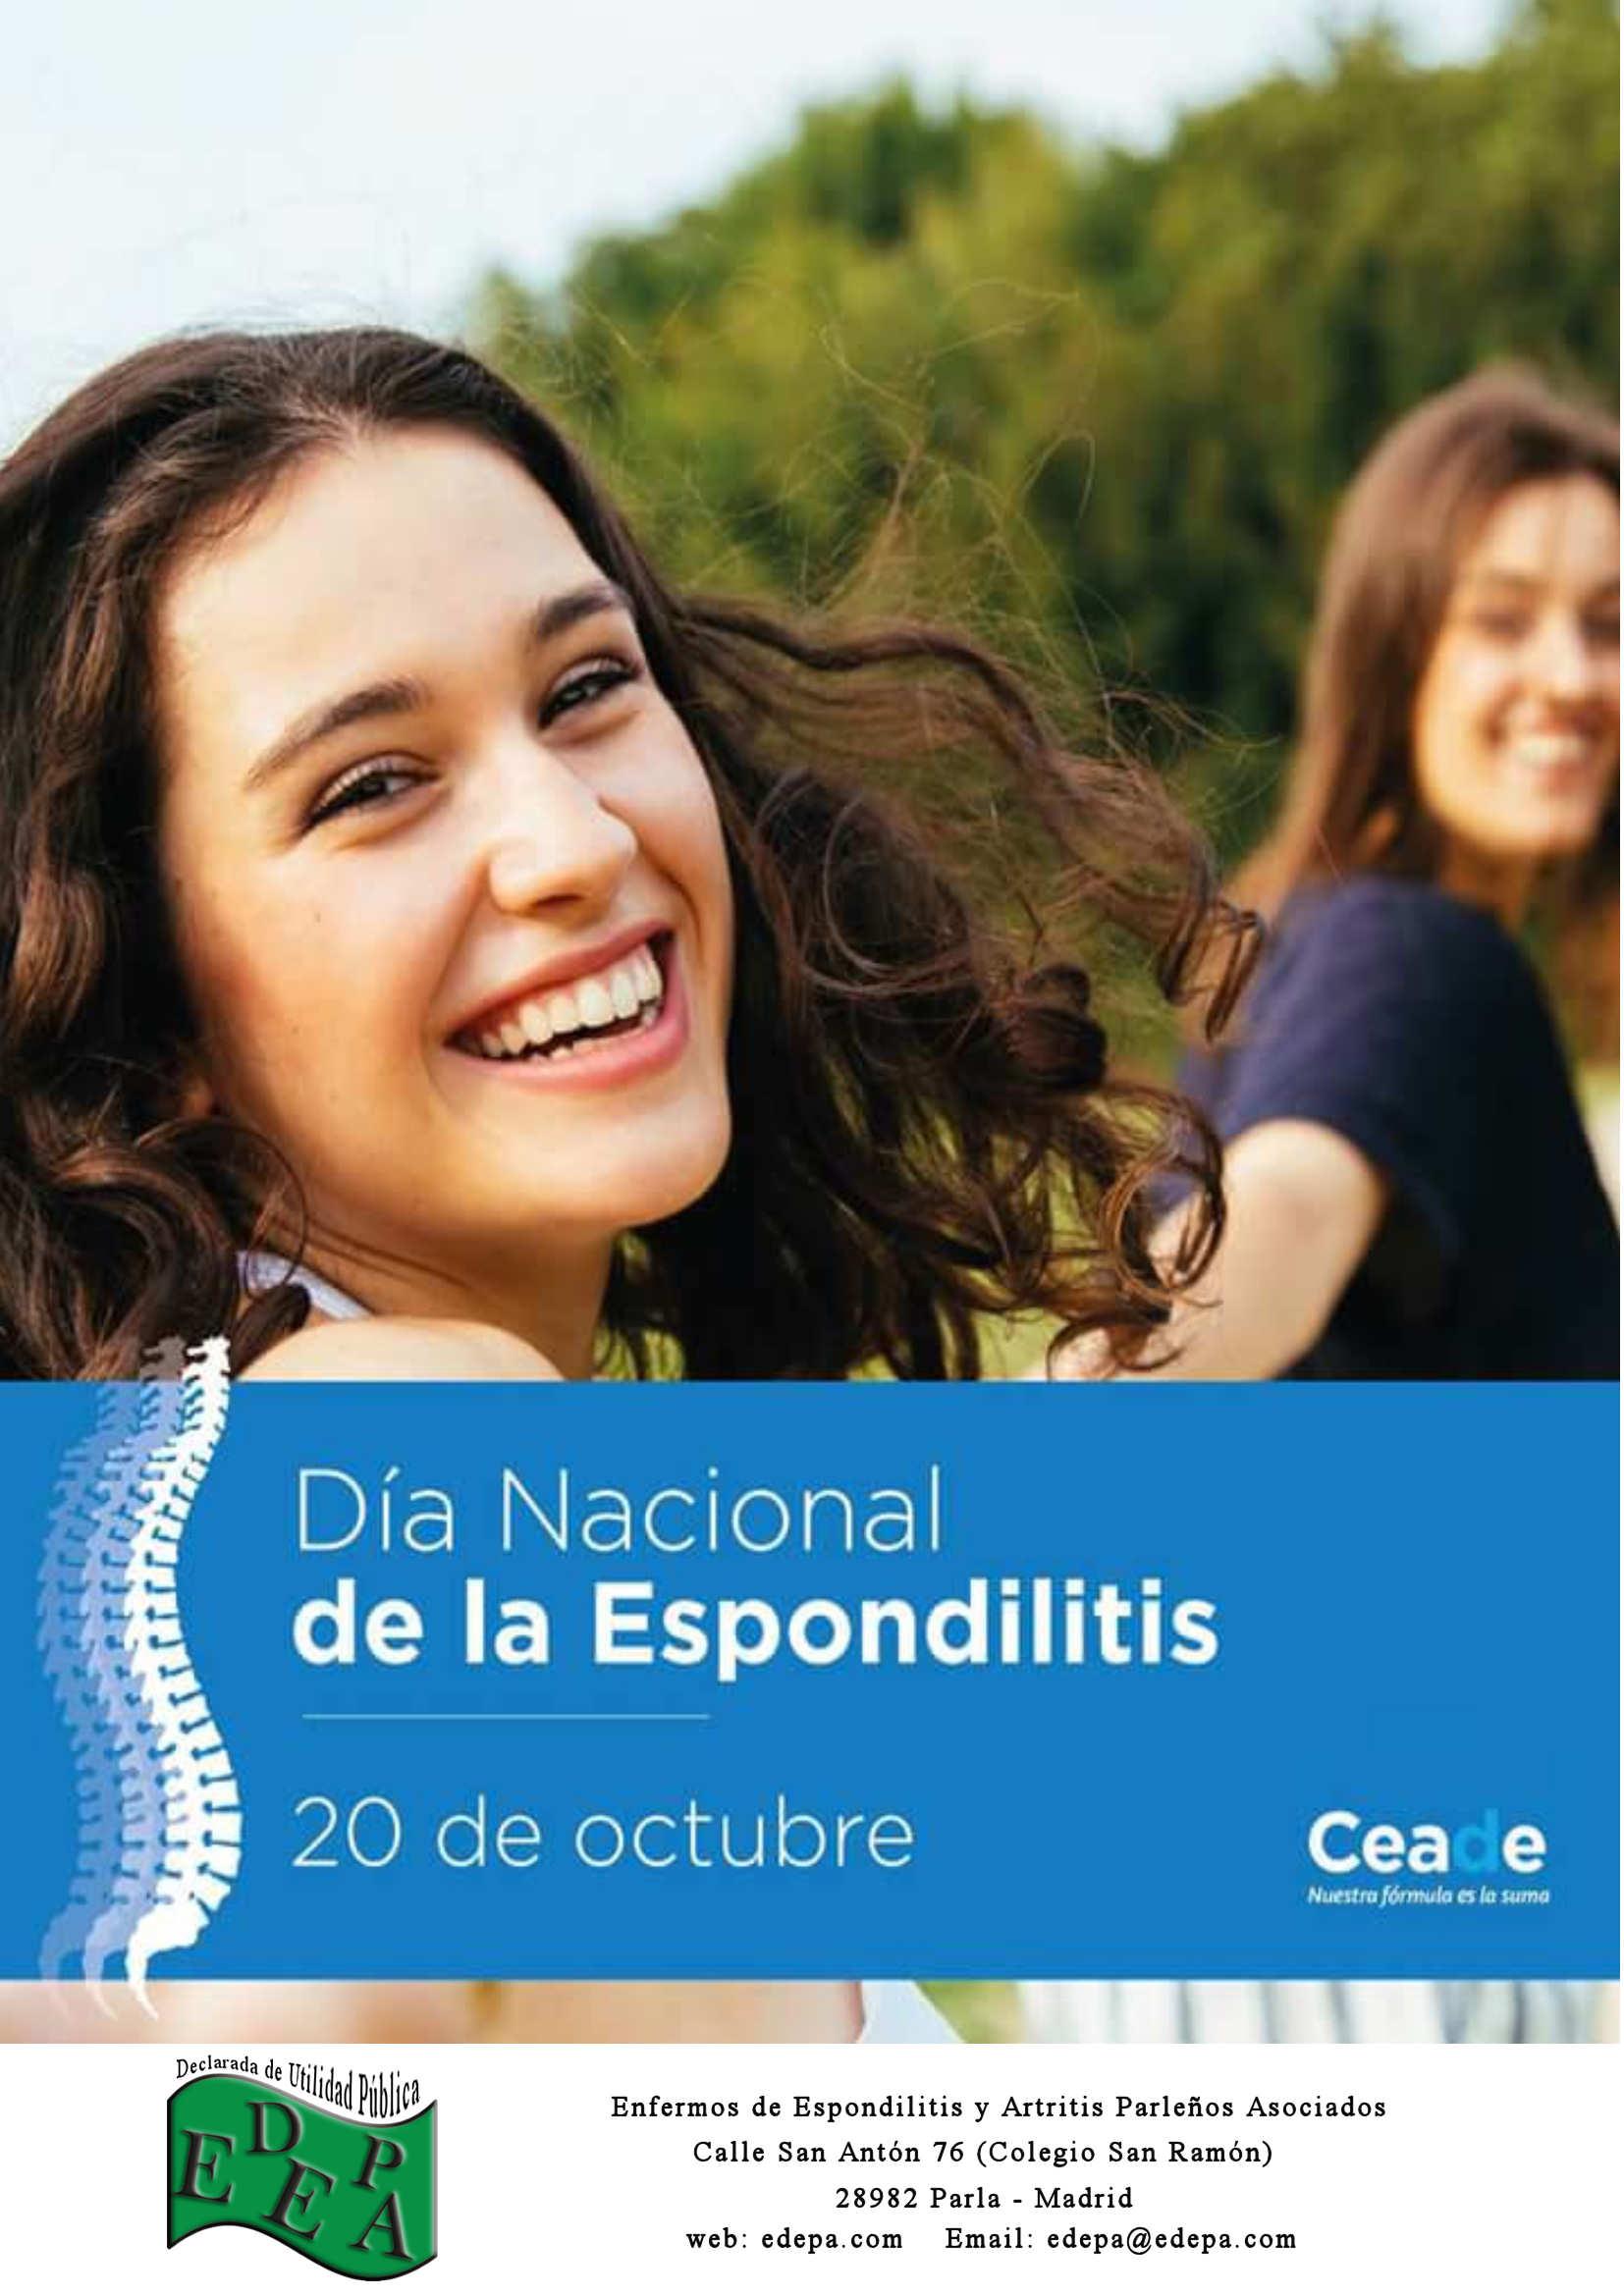 20 DE OCTUBRE – DÍA NACIONAL DE LA ESPONDILITIS